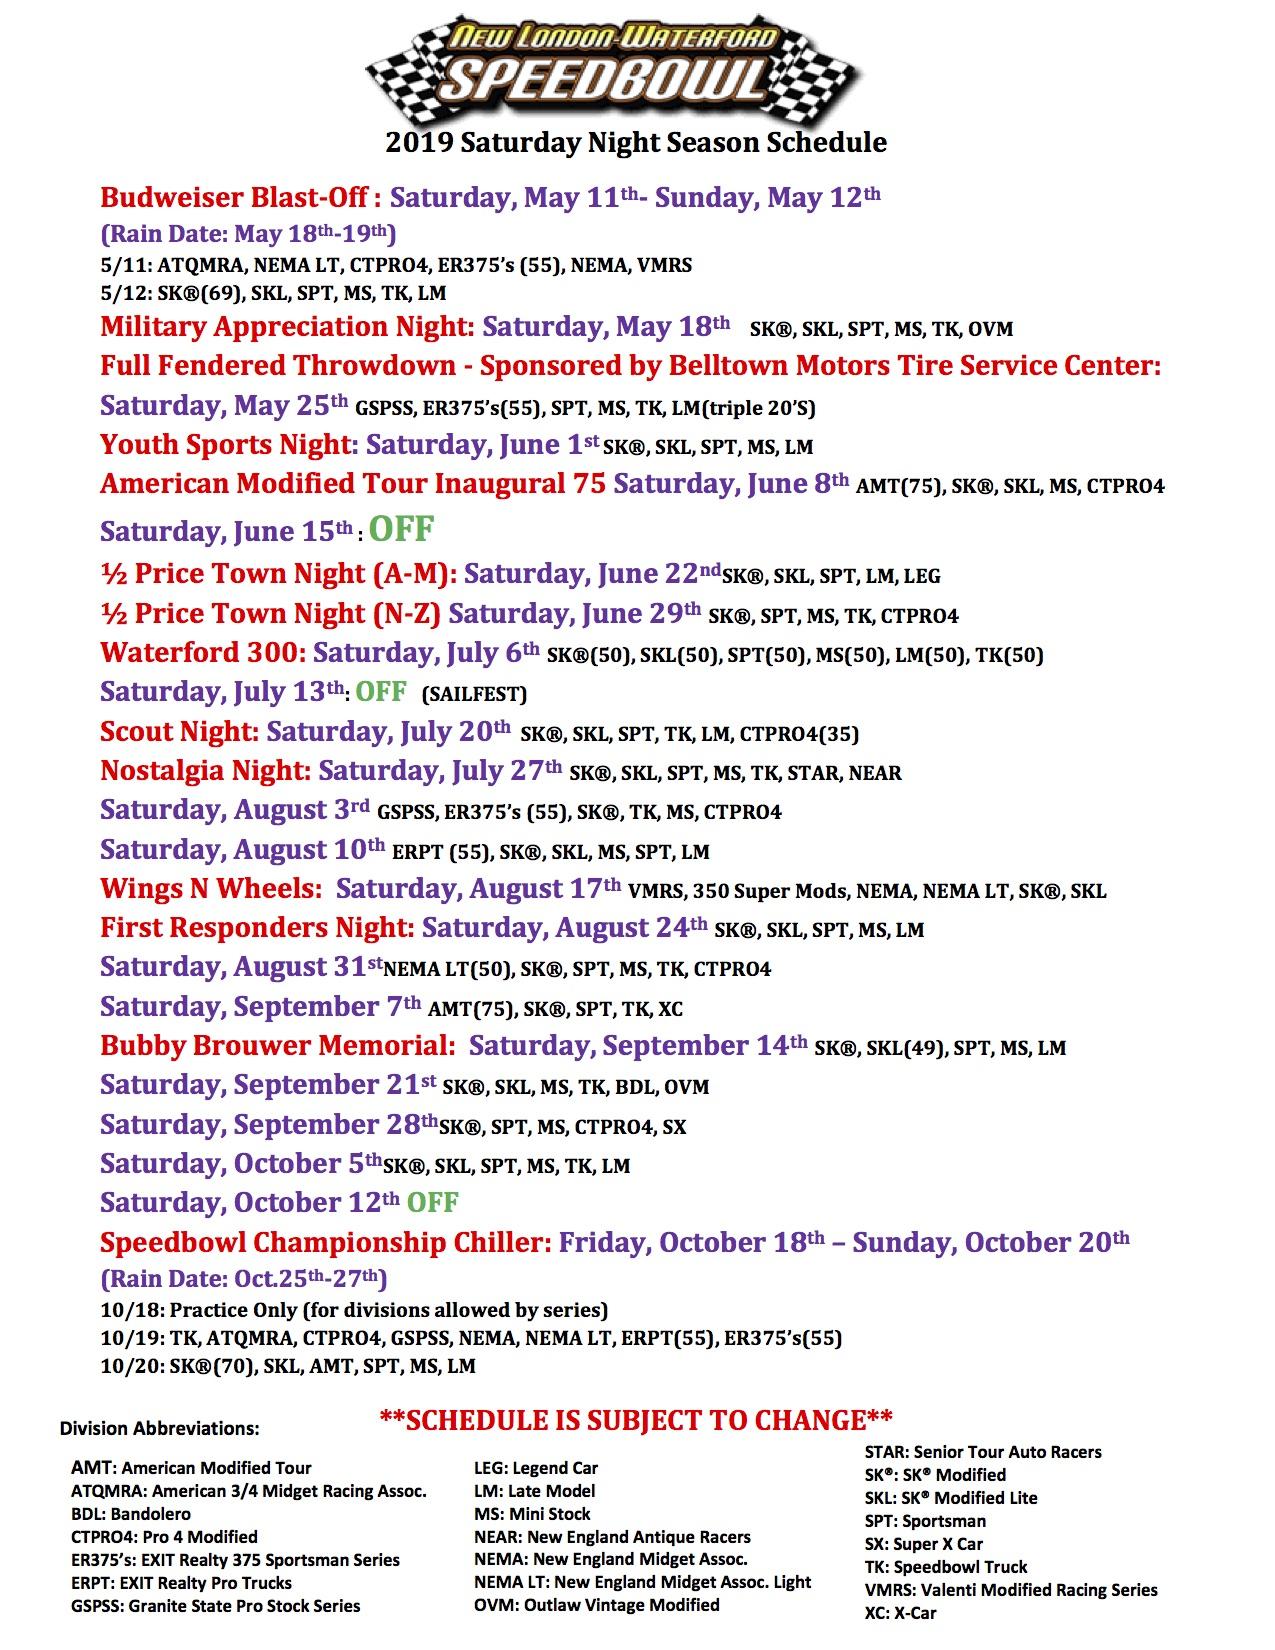 2019 Speedbowl Saturday Night Race Schedule